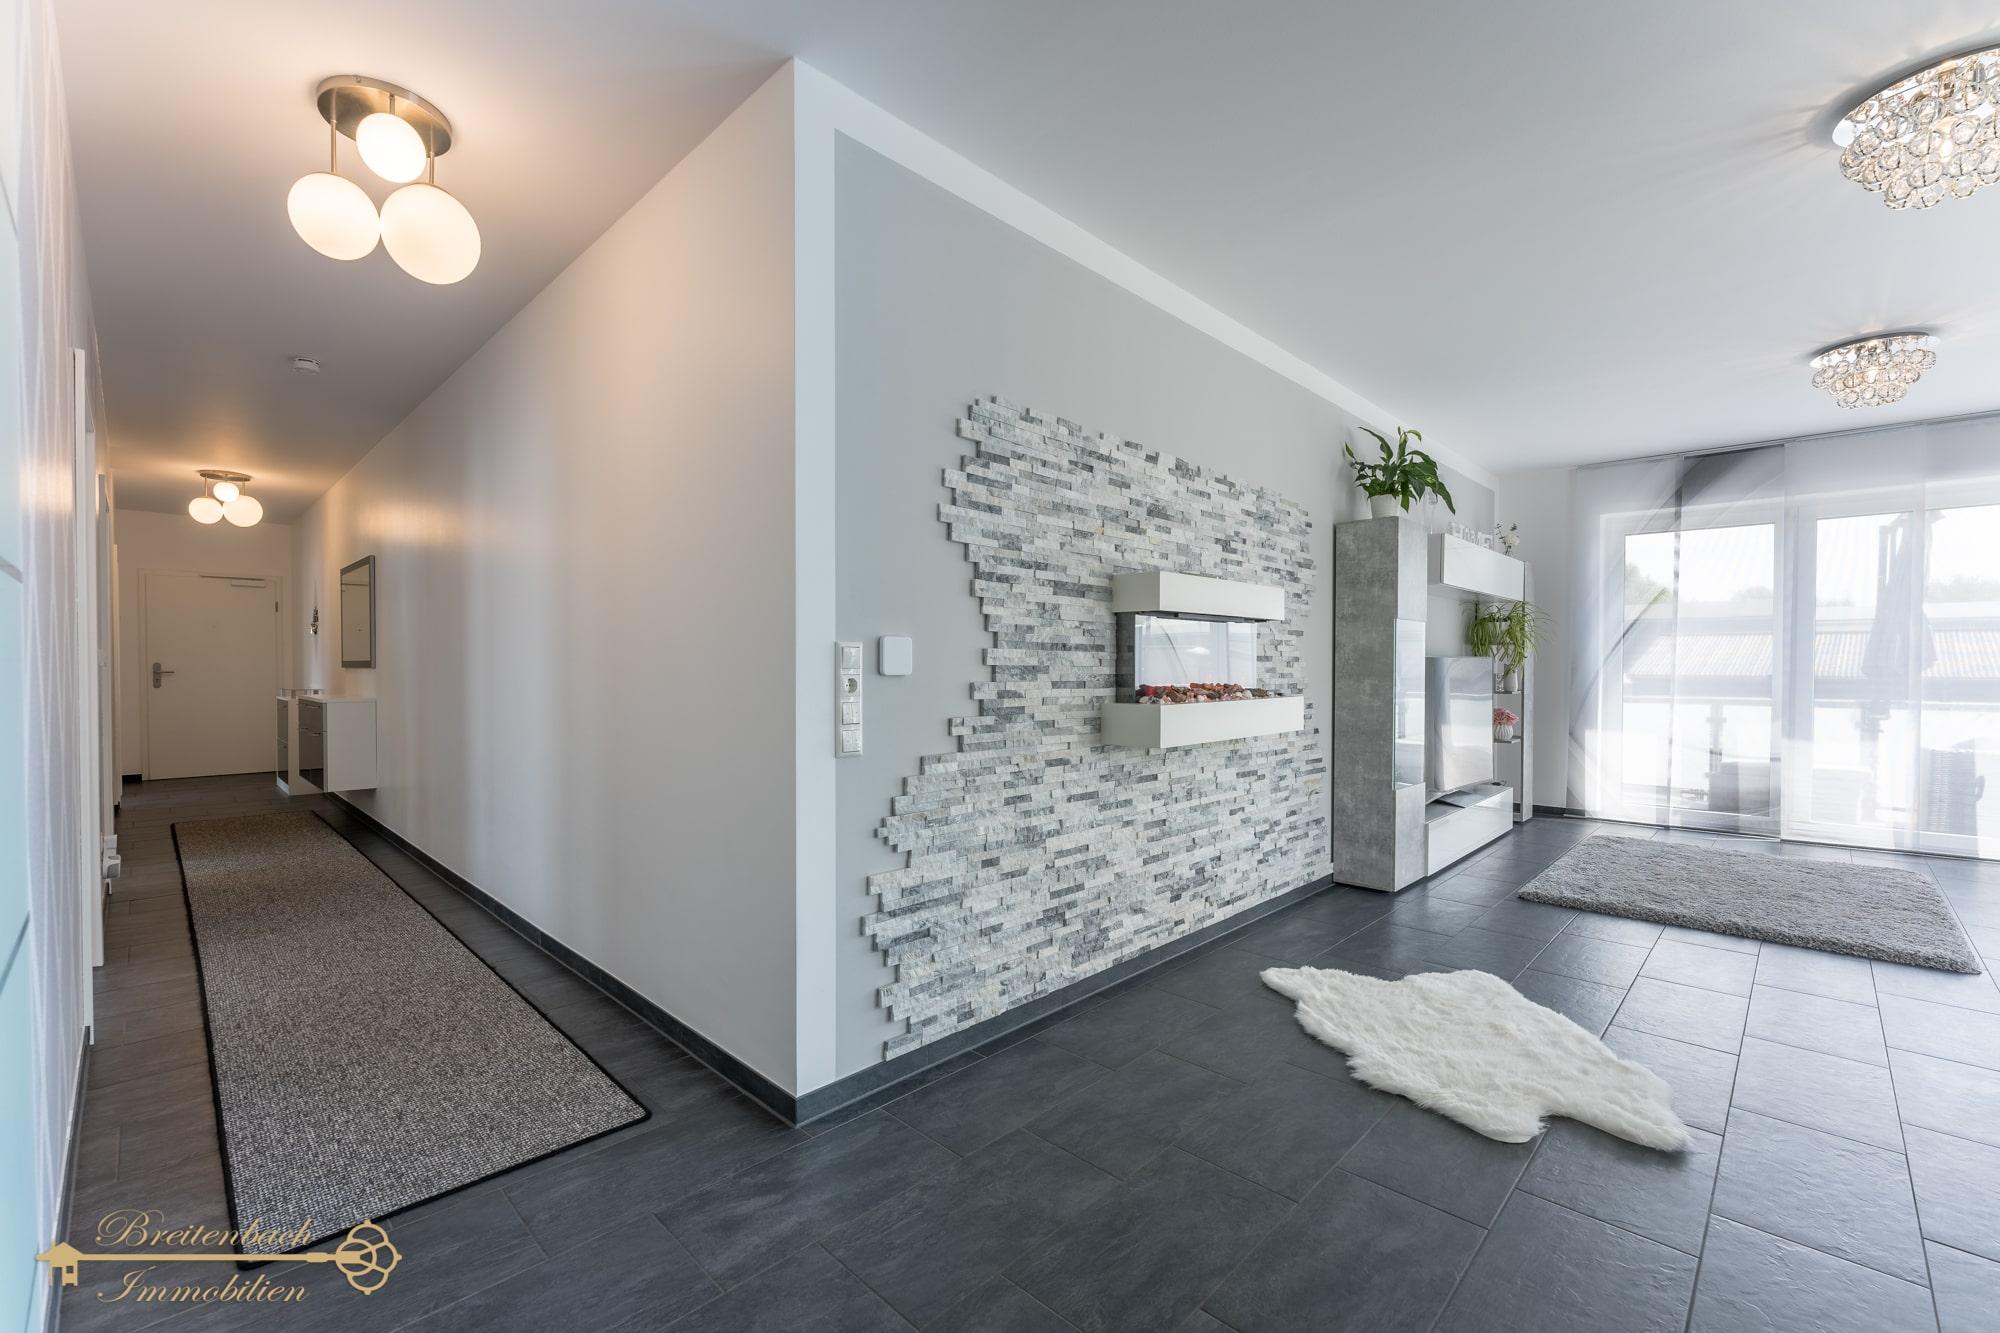 2021-06-01-Breitenbach-Immobilien-Makler-Bremen-11-min